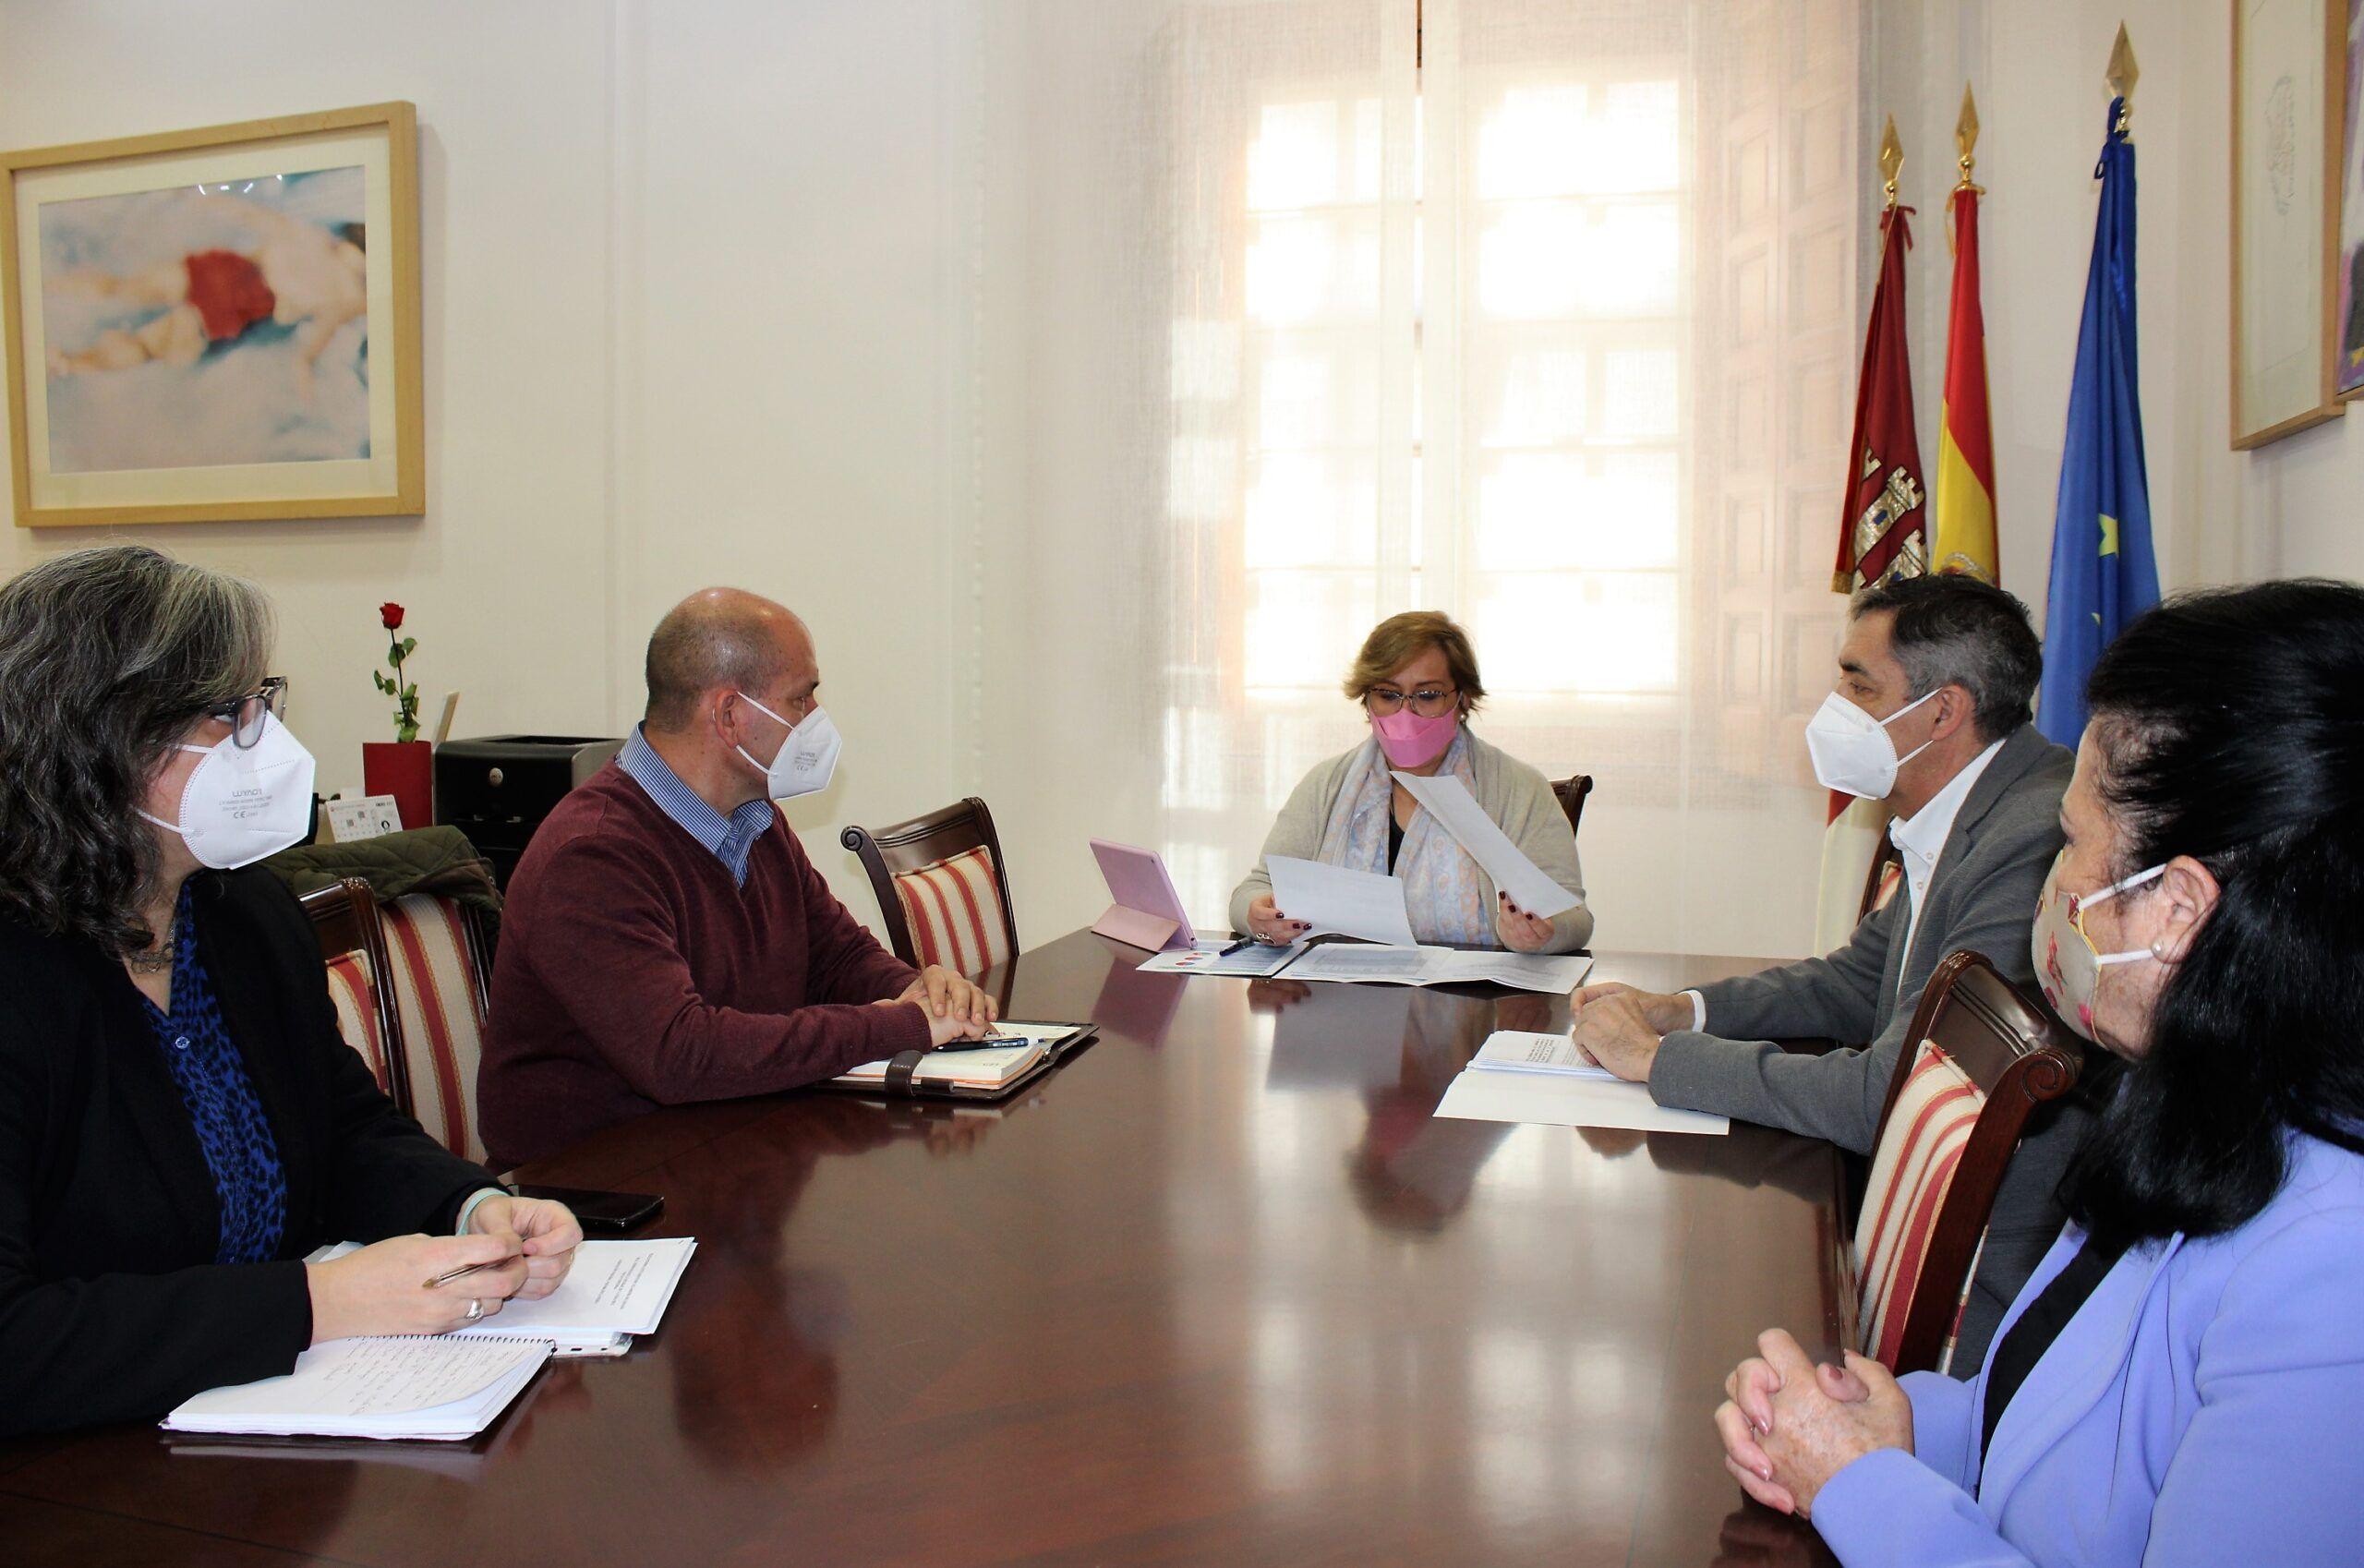 El Gobierno regional abrirá en septiembre un comedor que dará servicio a los alumnos de los dos colegios públicos de Villarrubia de los Ojos